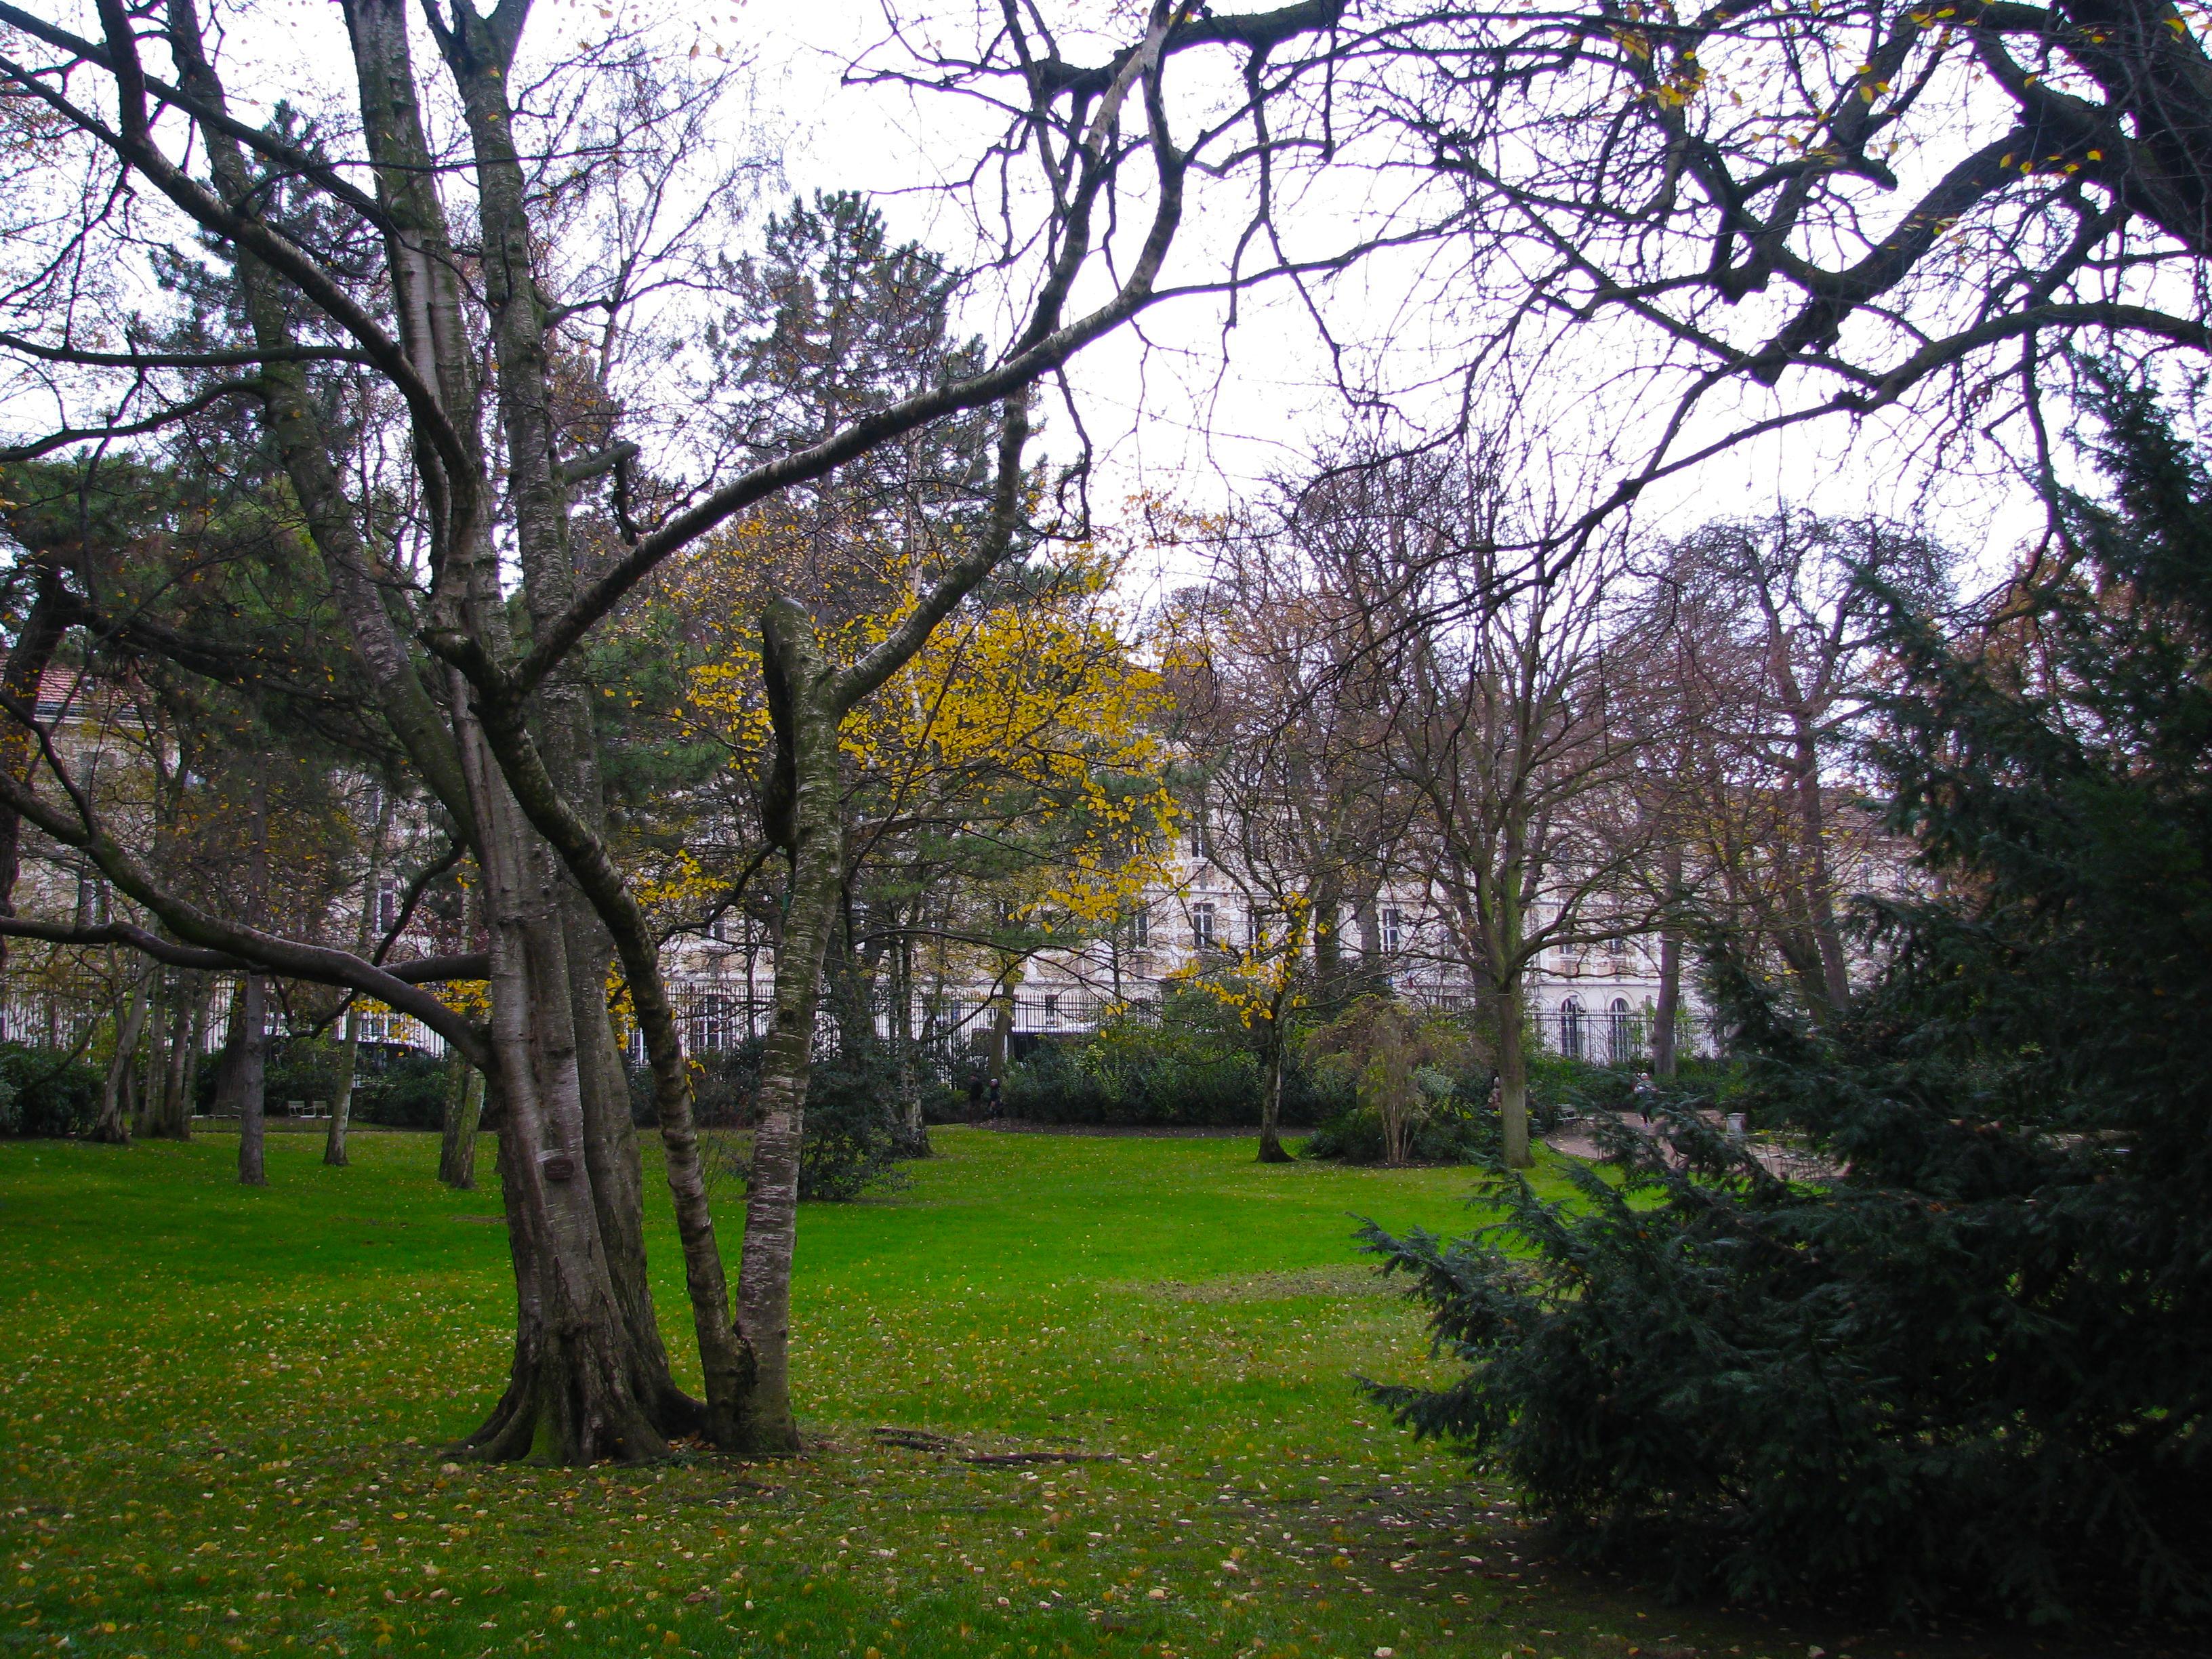 Le jardin du luxembourg 10 by emraldflames1993 on deviantart for Art du jardin zbinden sa